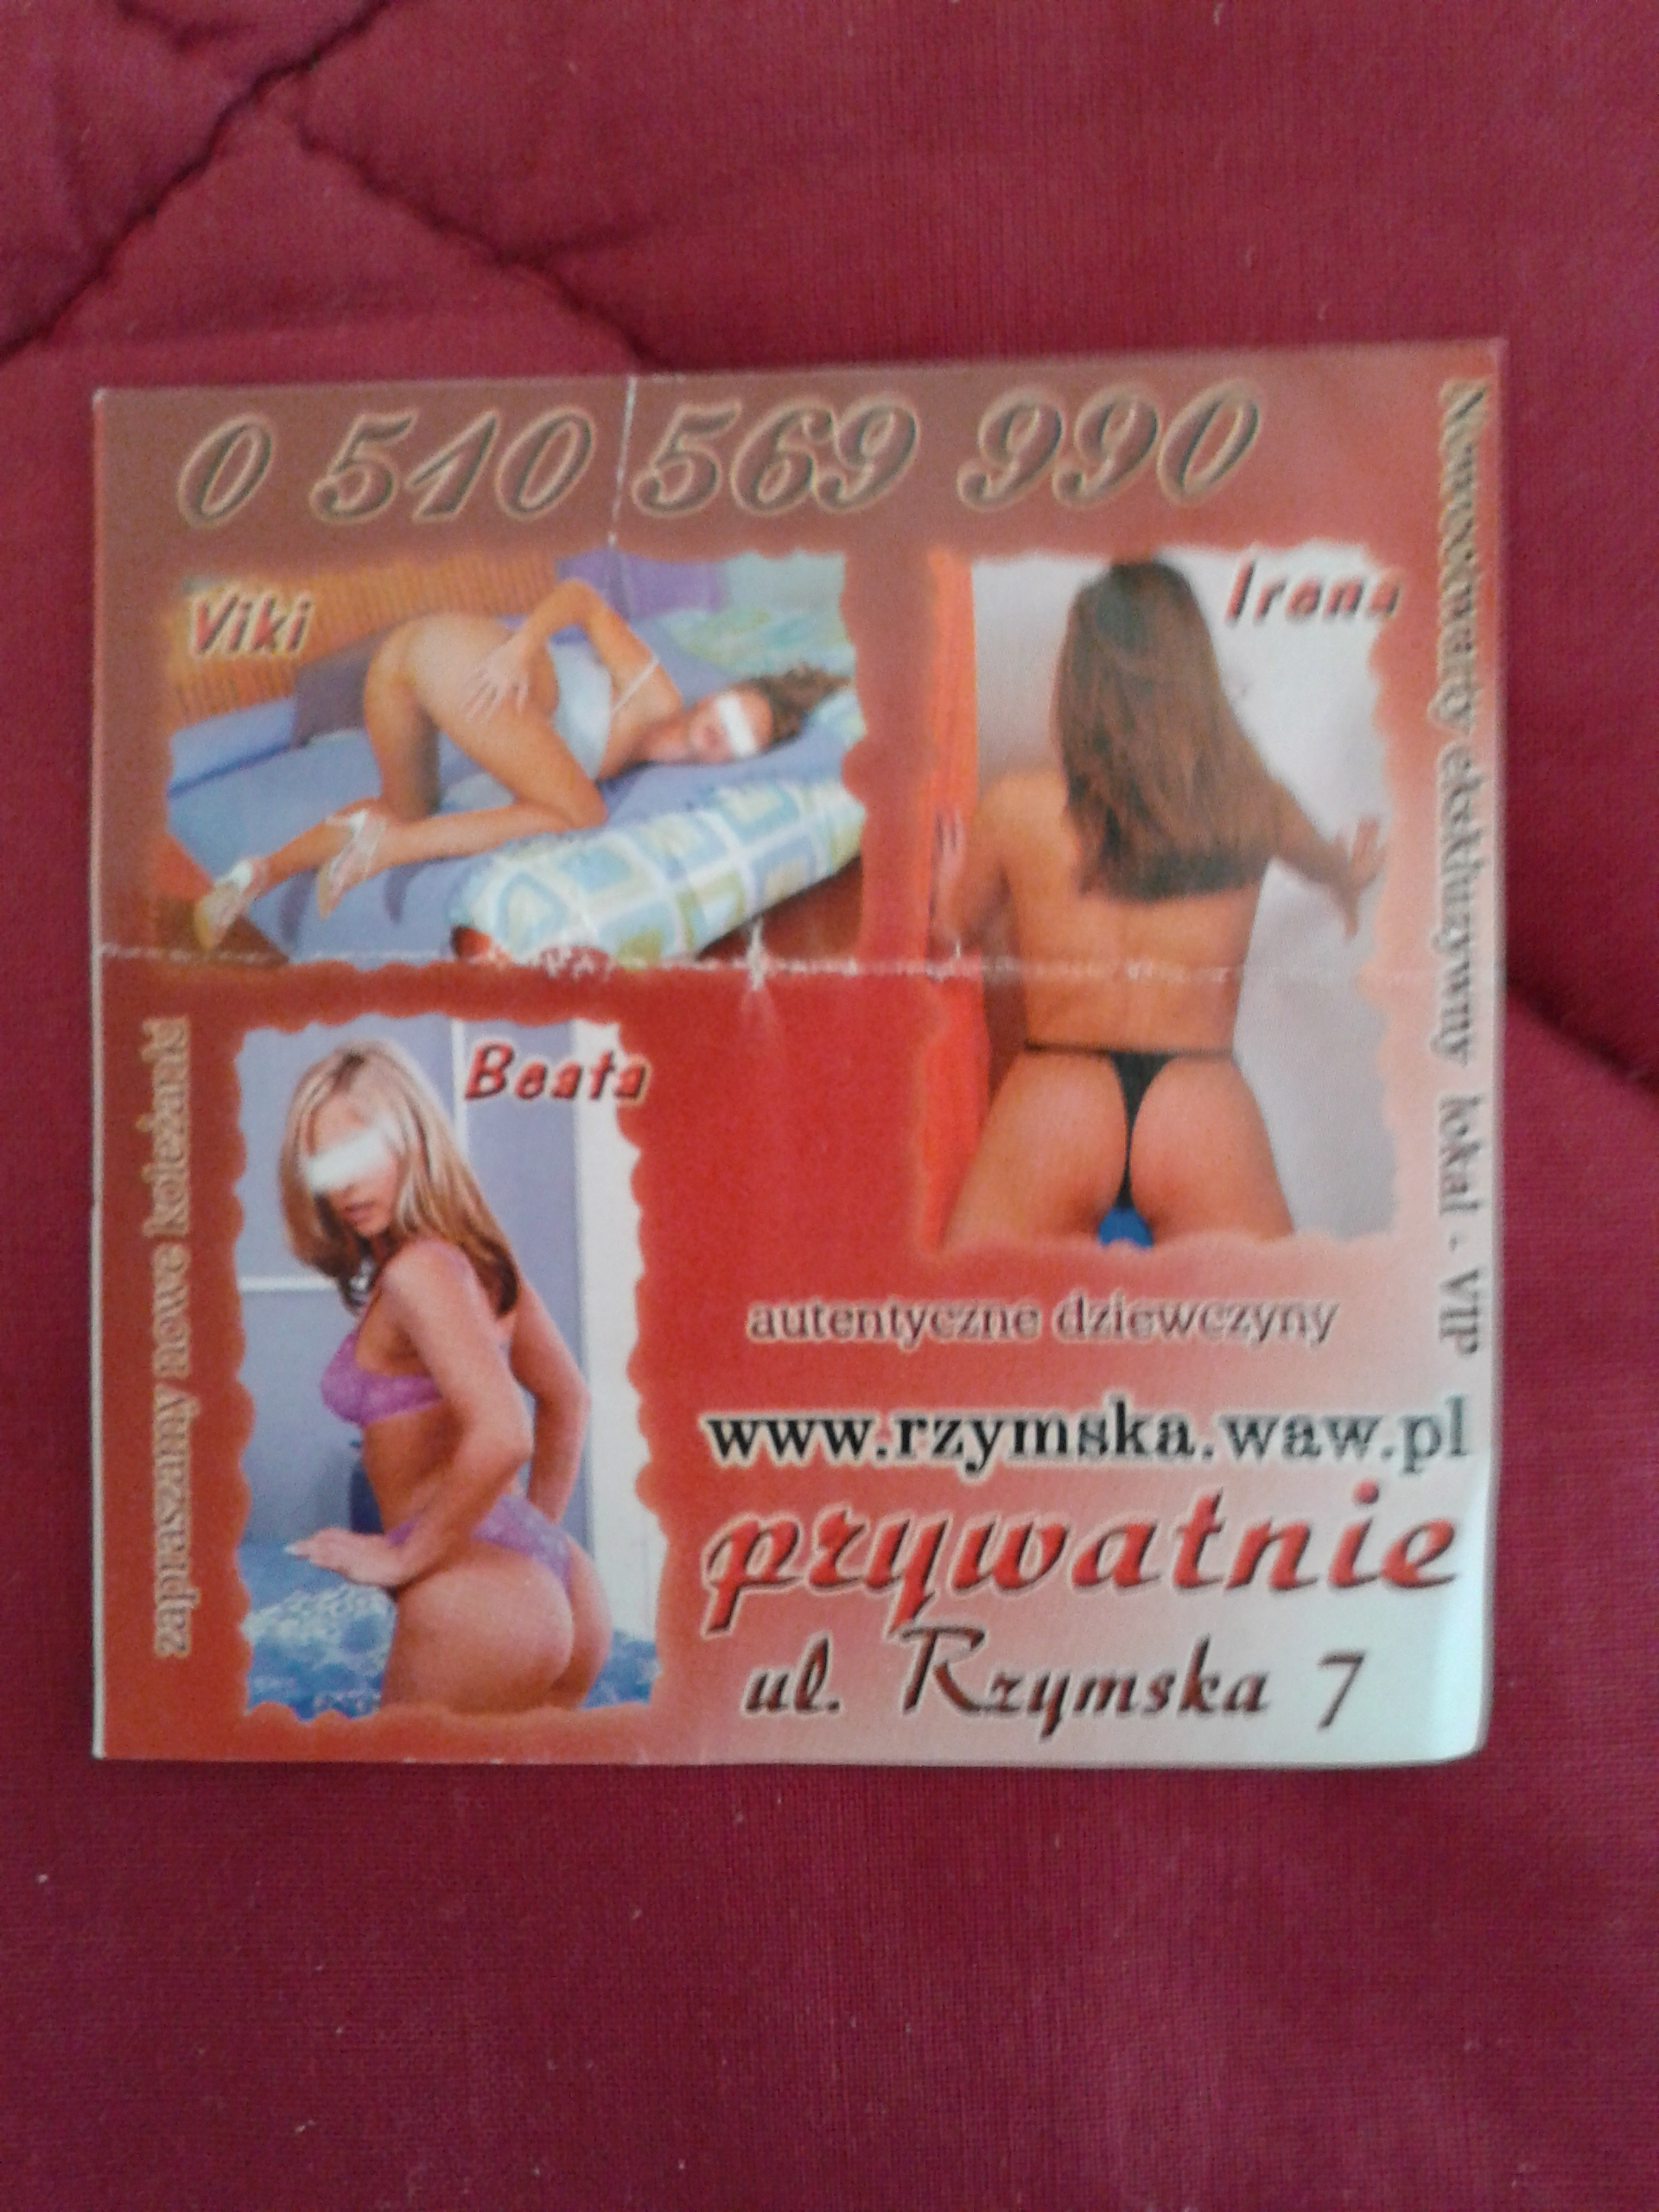 anunci sex porno motore di ricerca